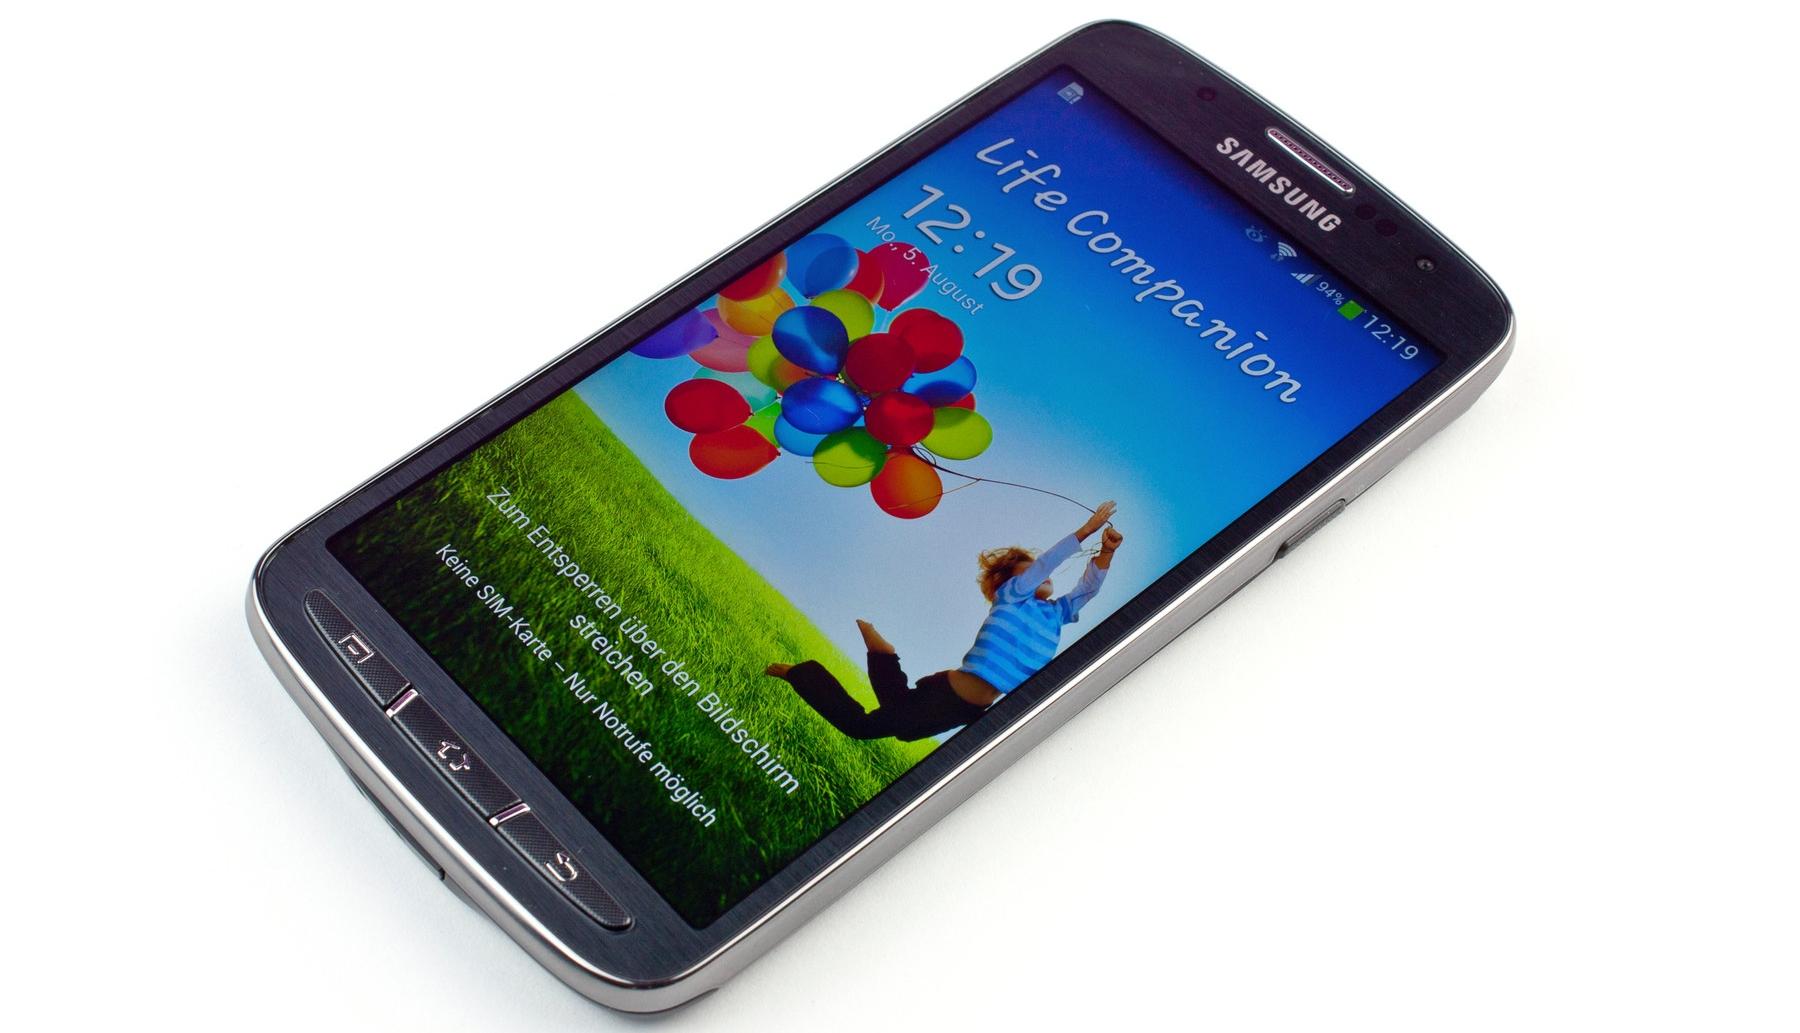 Quer saber onde você pode pesquisar celulares para comprar?